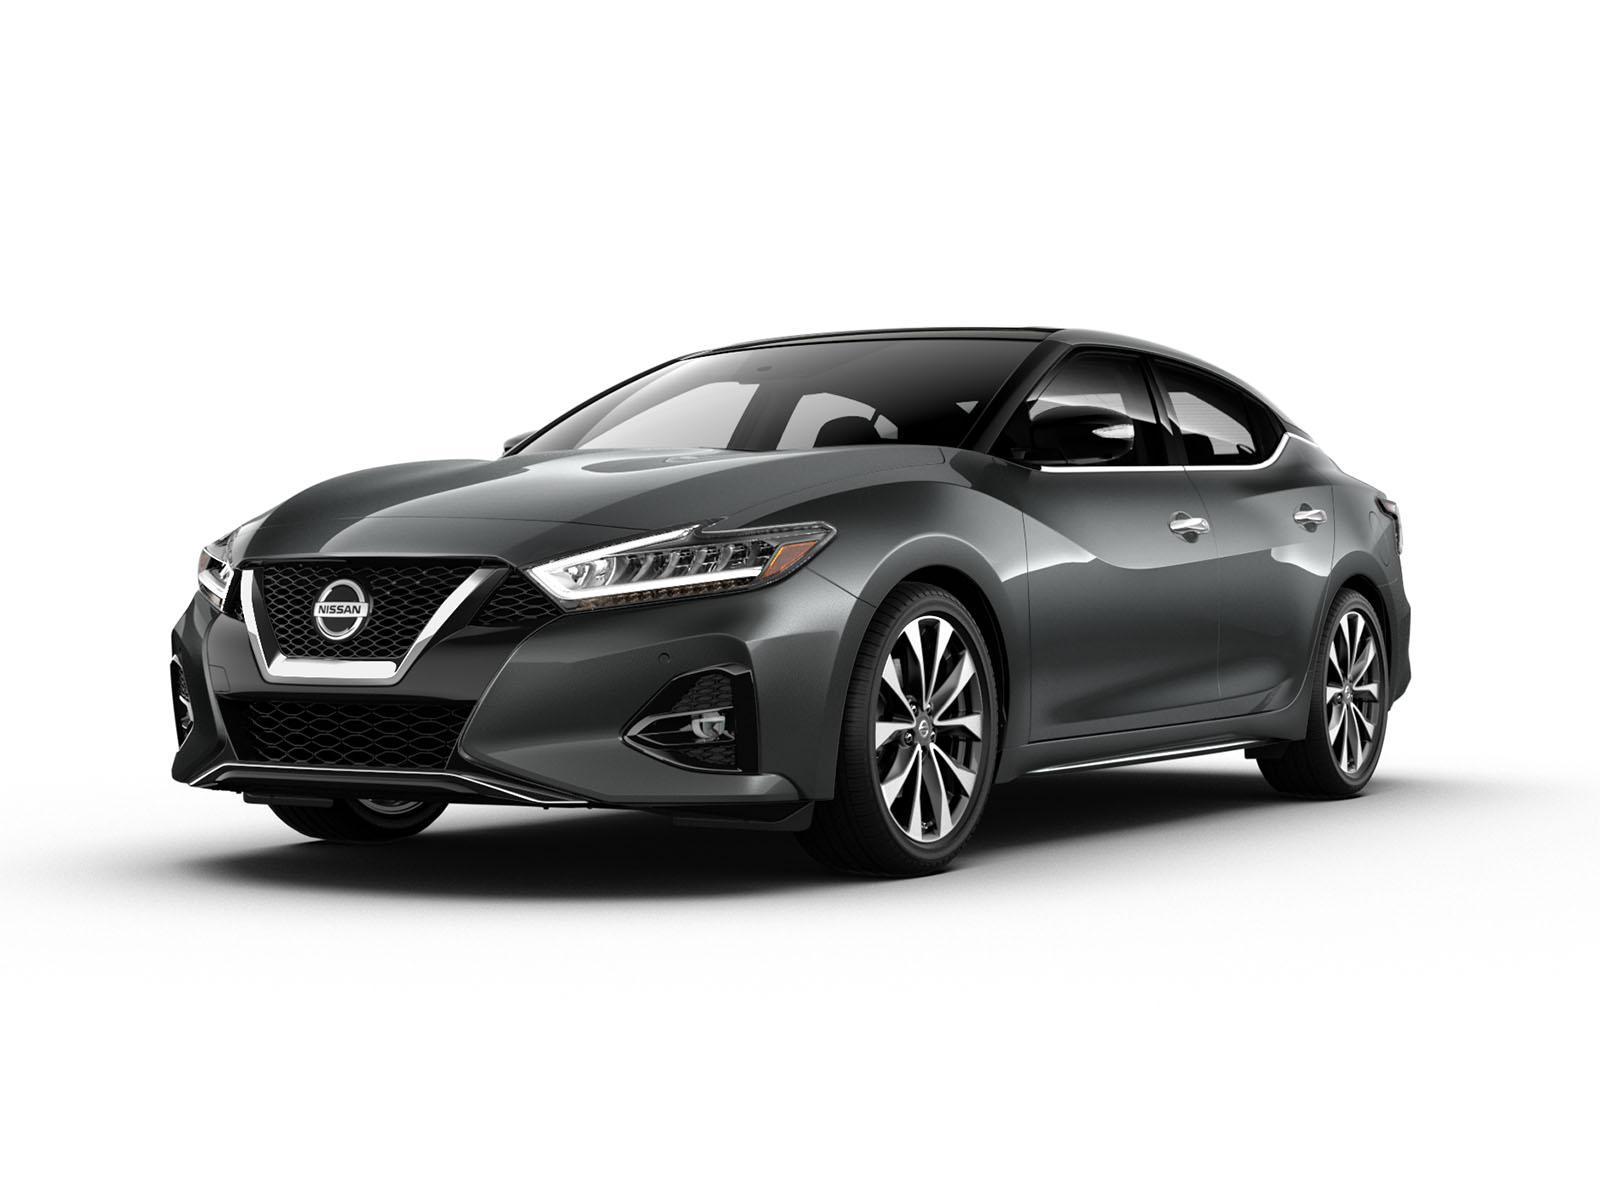 2020 Nissan Maxima Platinum full